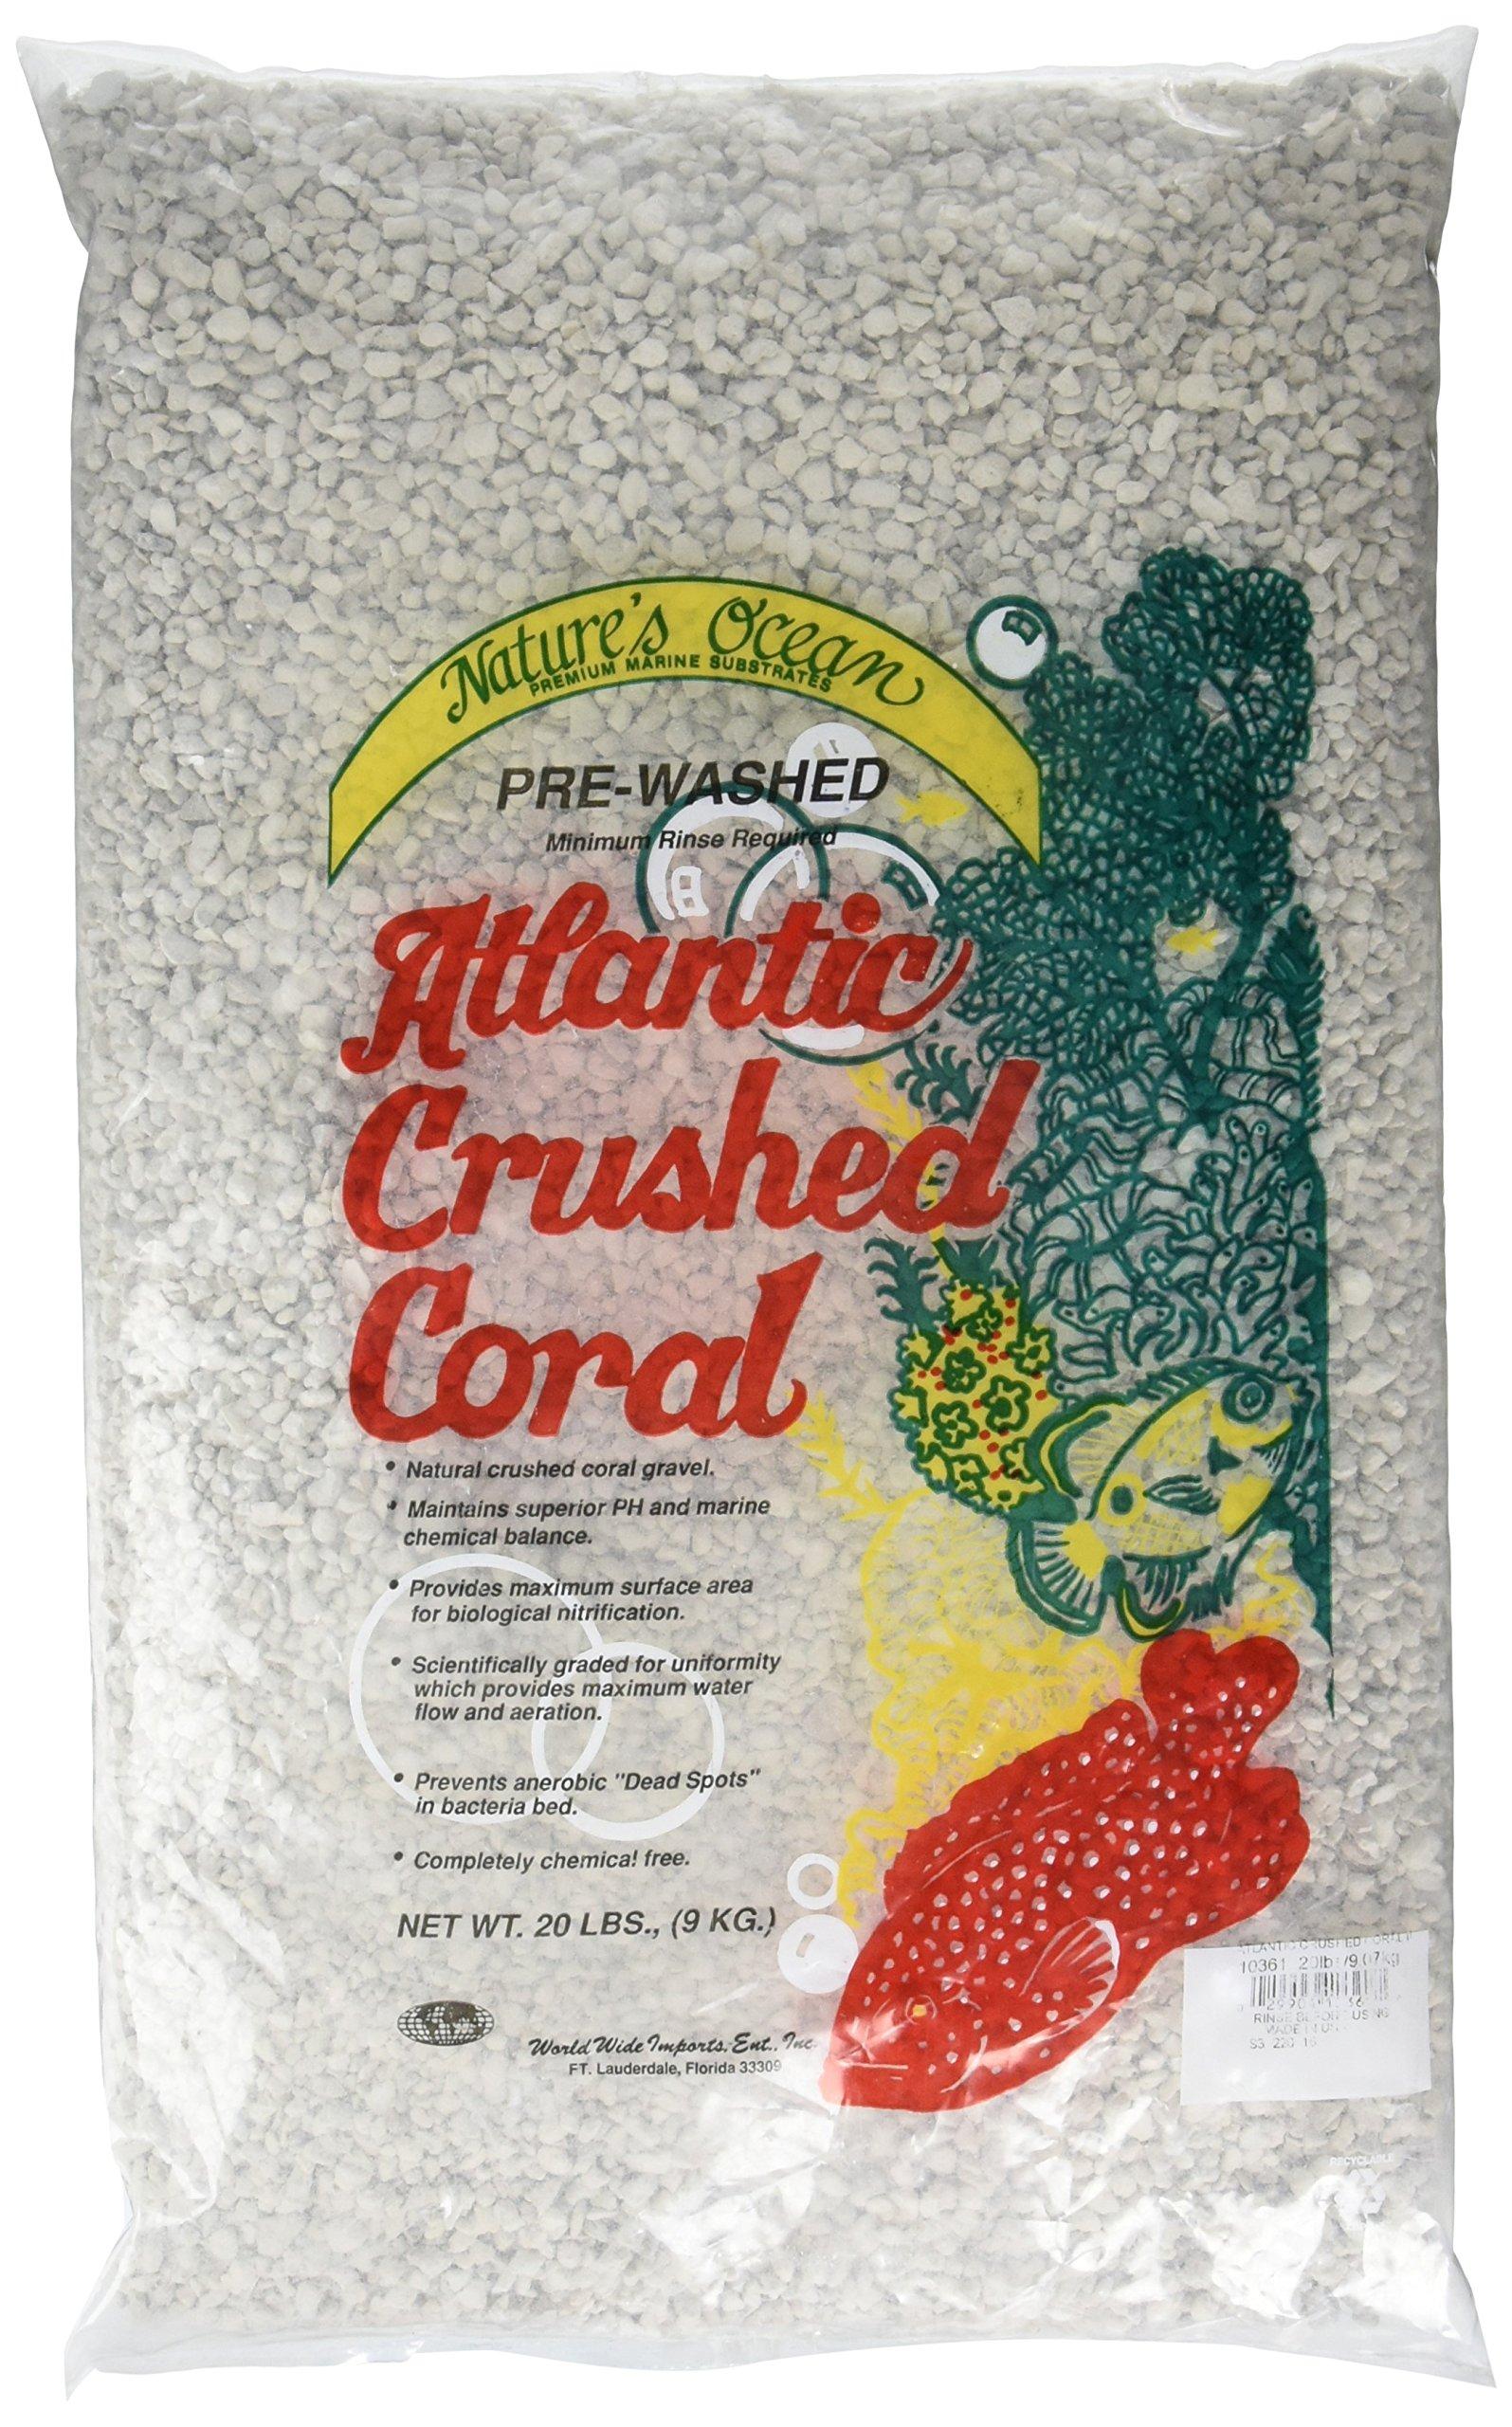 Nature's Ocean No.8 Premium Atlantic Crushed Coral with Aragonite, 20-Pound